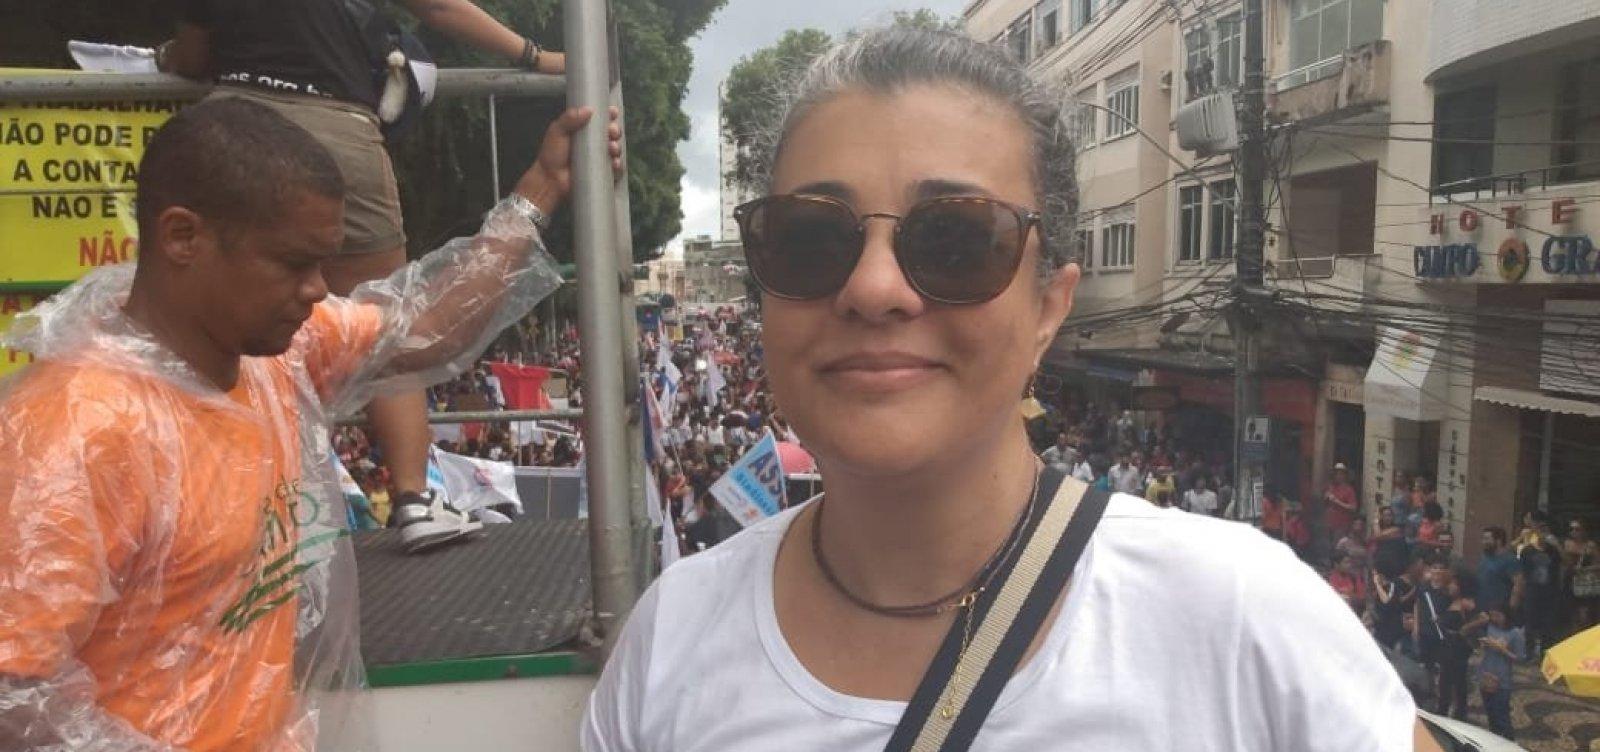 Cortes do governo Bolsonaro são decisão 'política', diz presidente da Apub